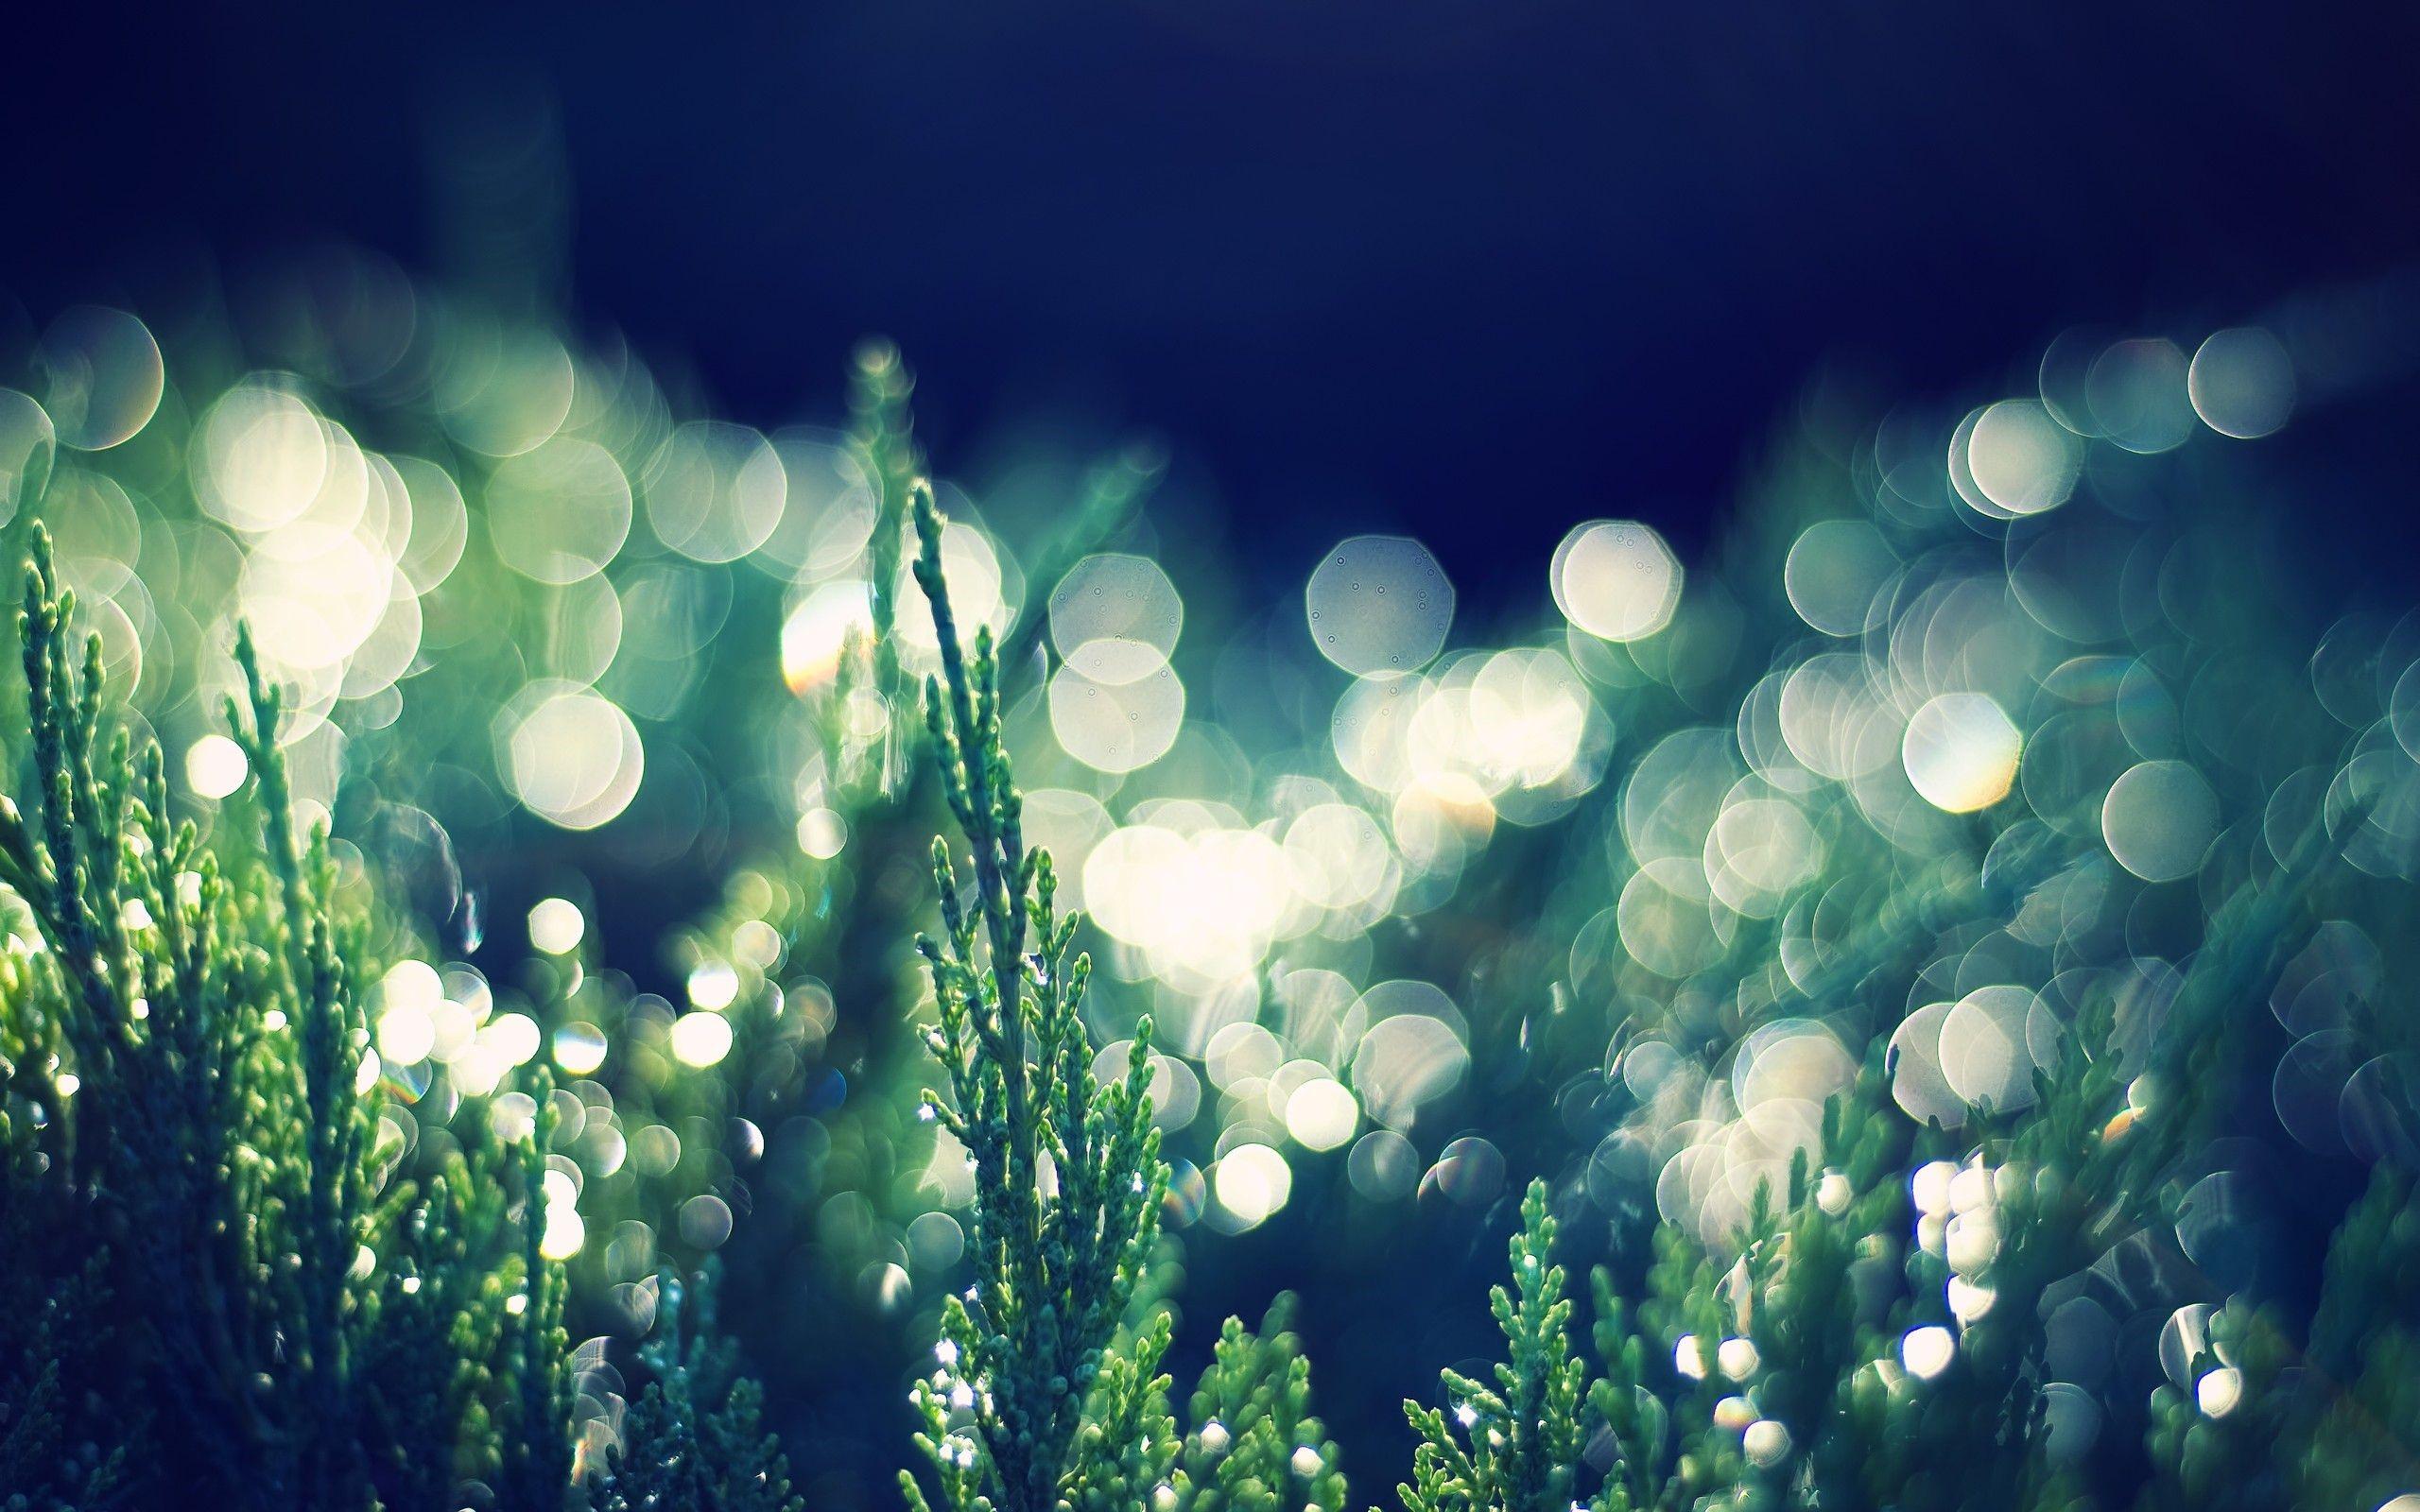 Bokeh Light in Nature HD Wallpaper